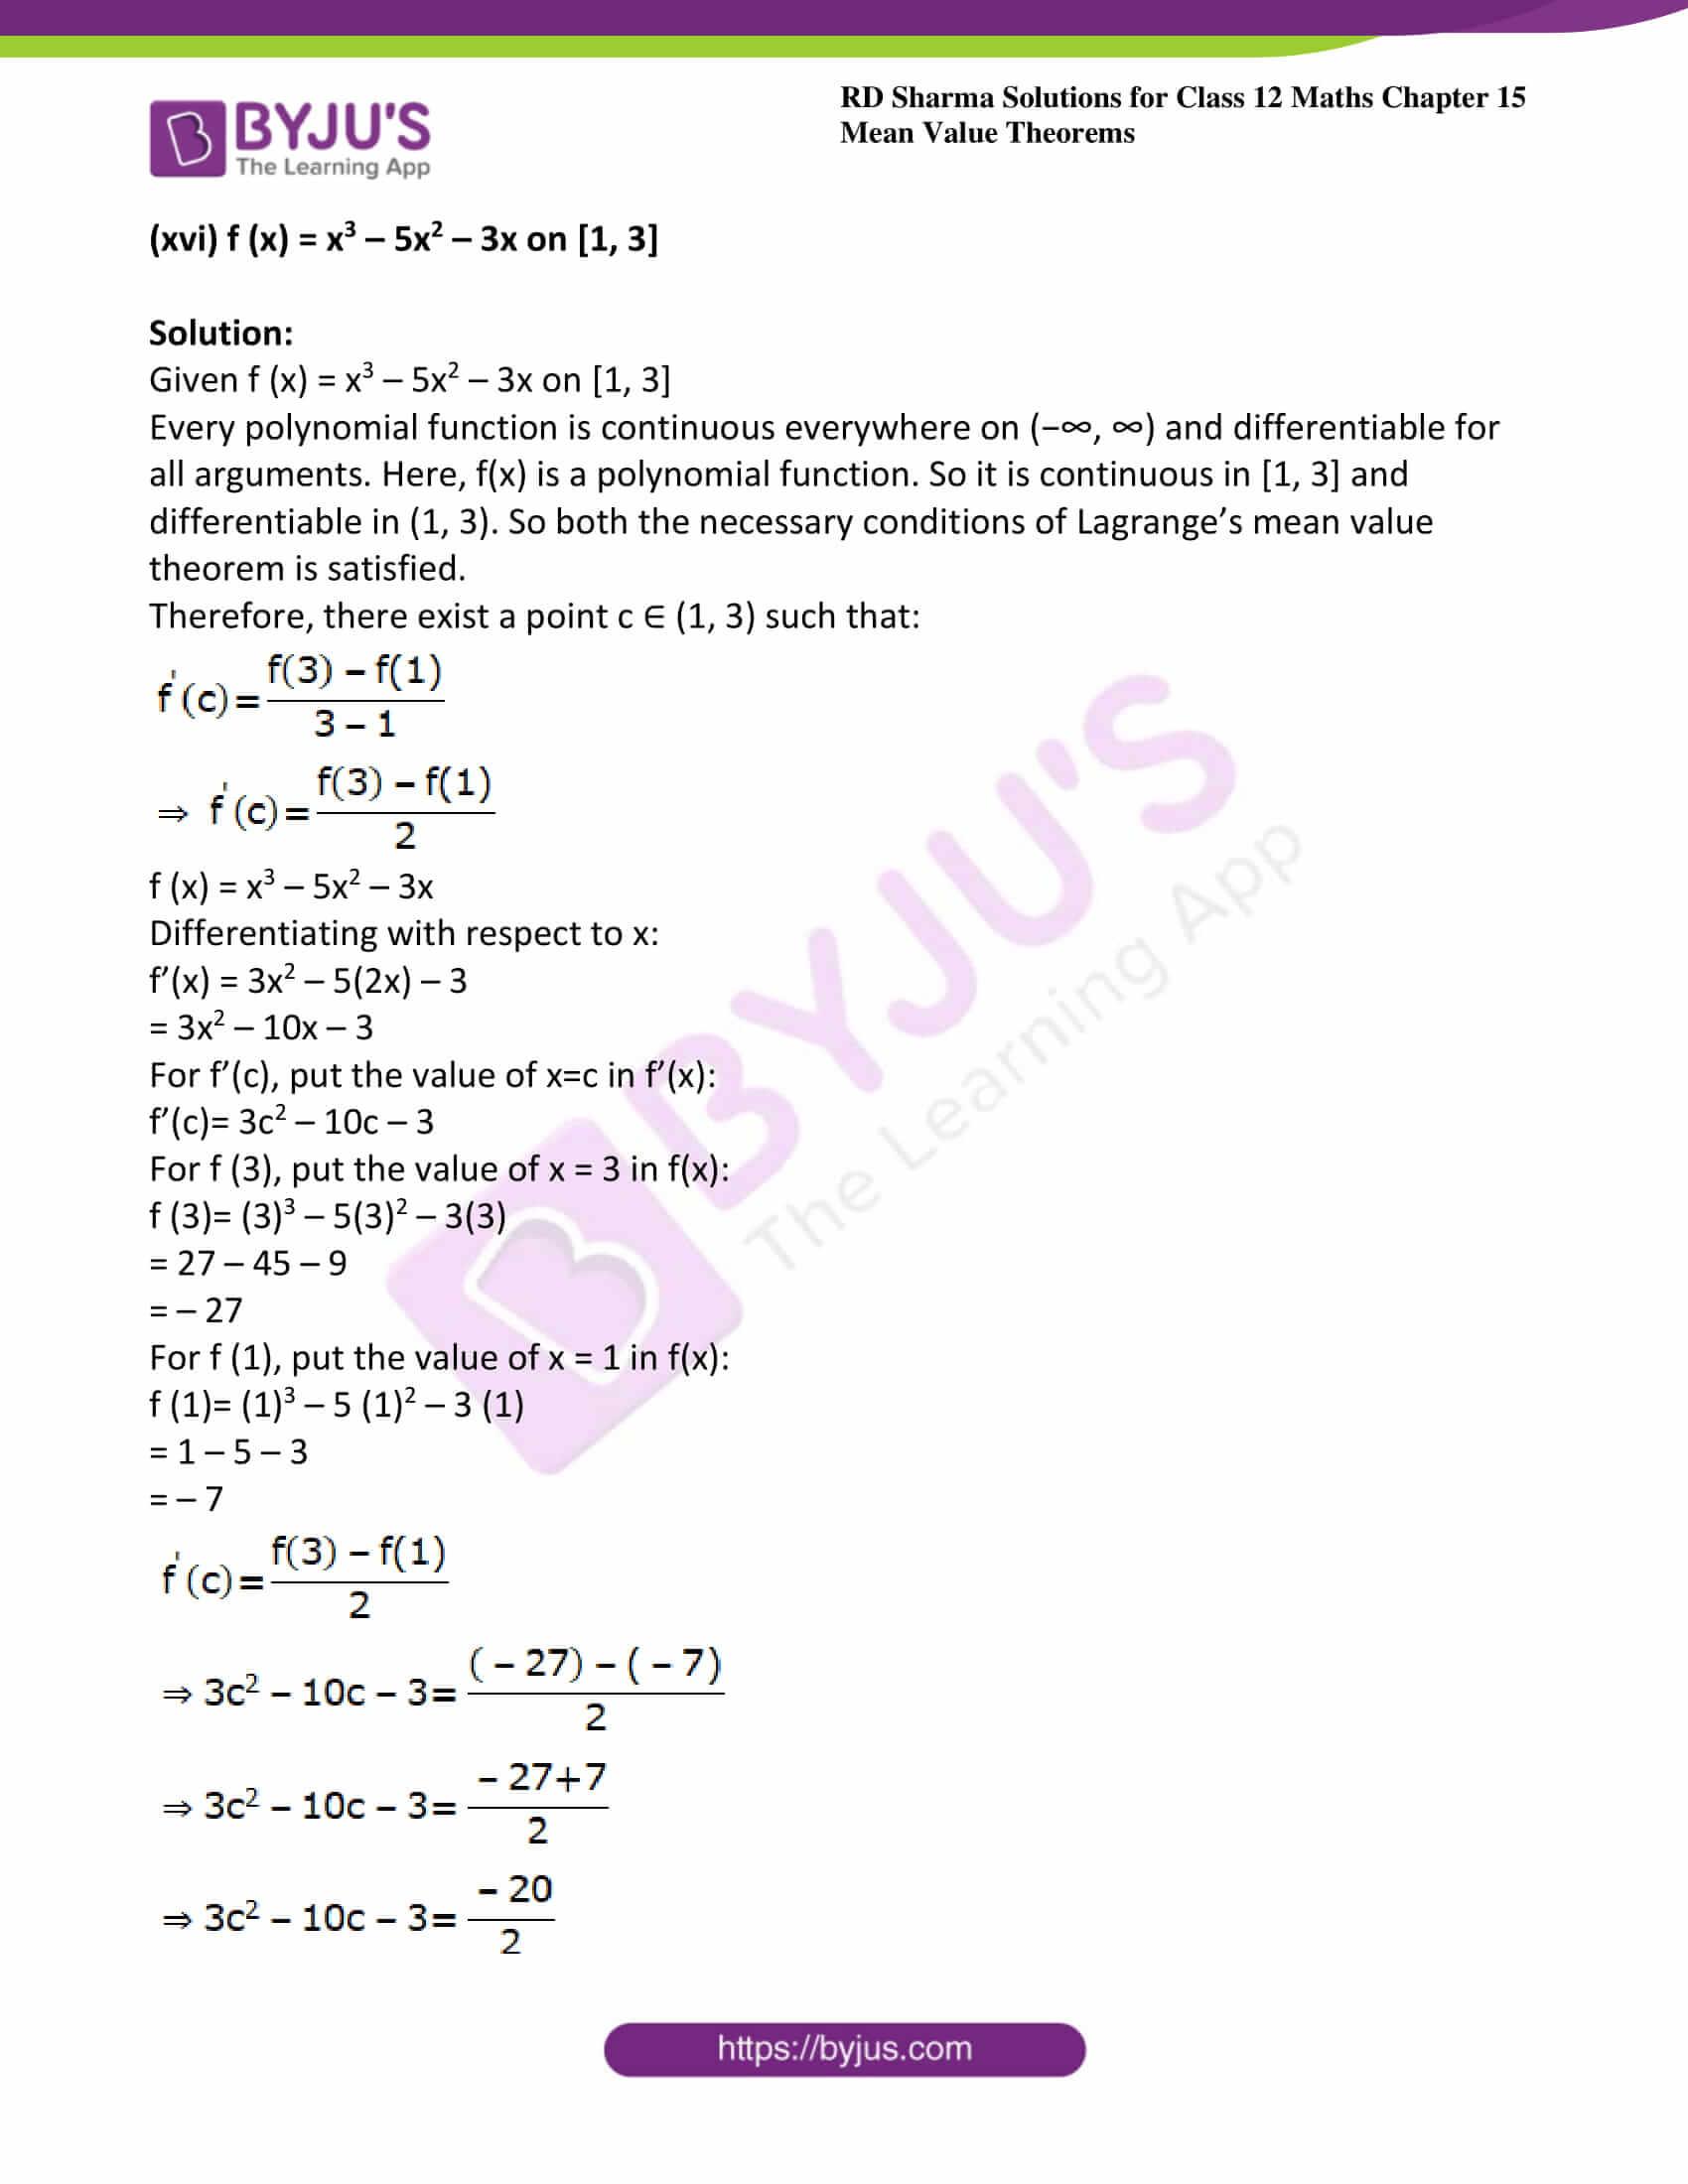 rd sharma class 12 maths solutions chapter 15 ex 2 25